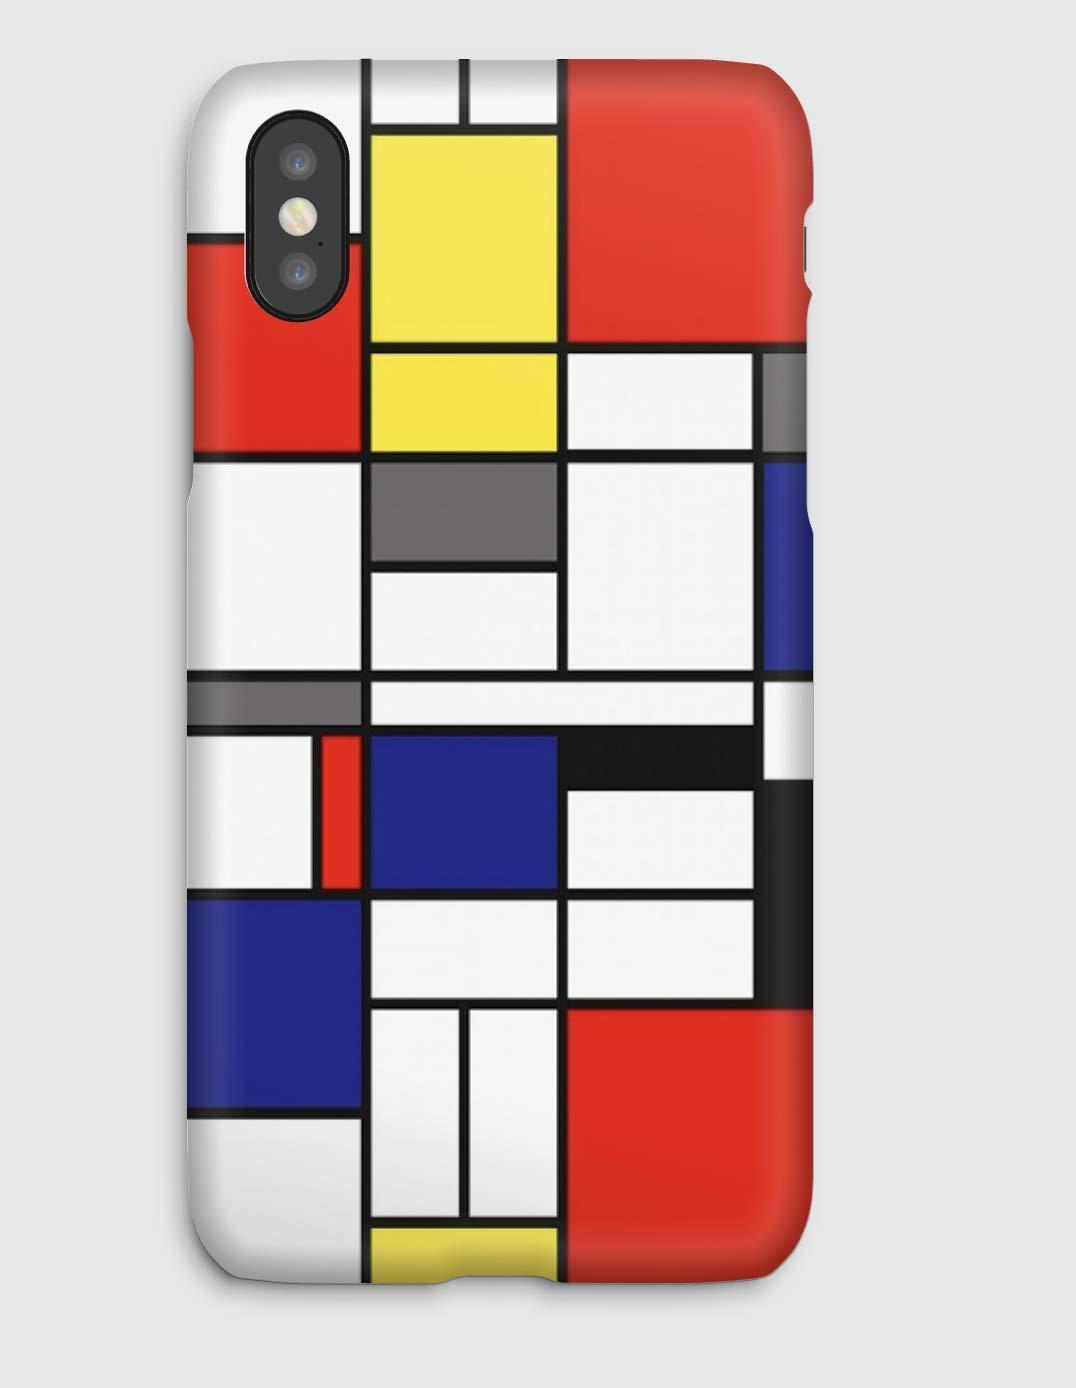 Mondrian, coque pour iPhone XS, XS Max, XR, X, 8, 8+, 7, 7+, 6S, 6, 6S+, 6+, 5C, 5, 5S, 5SE, 4S, 4,